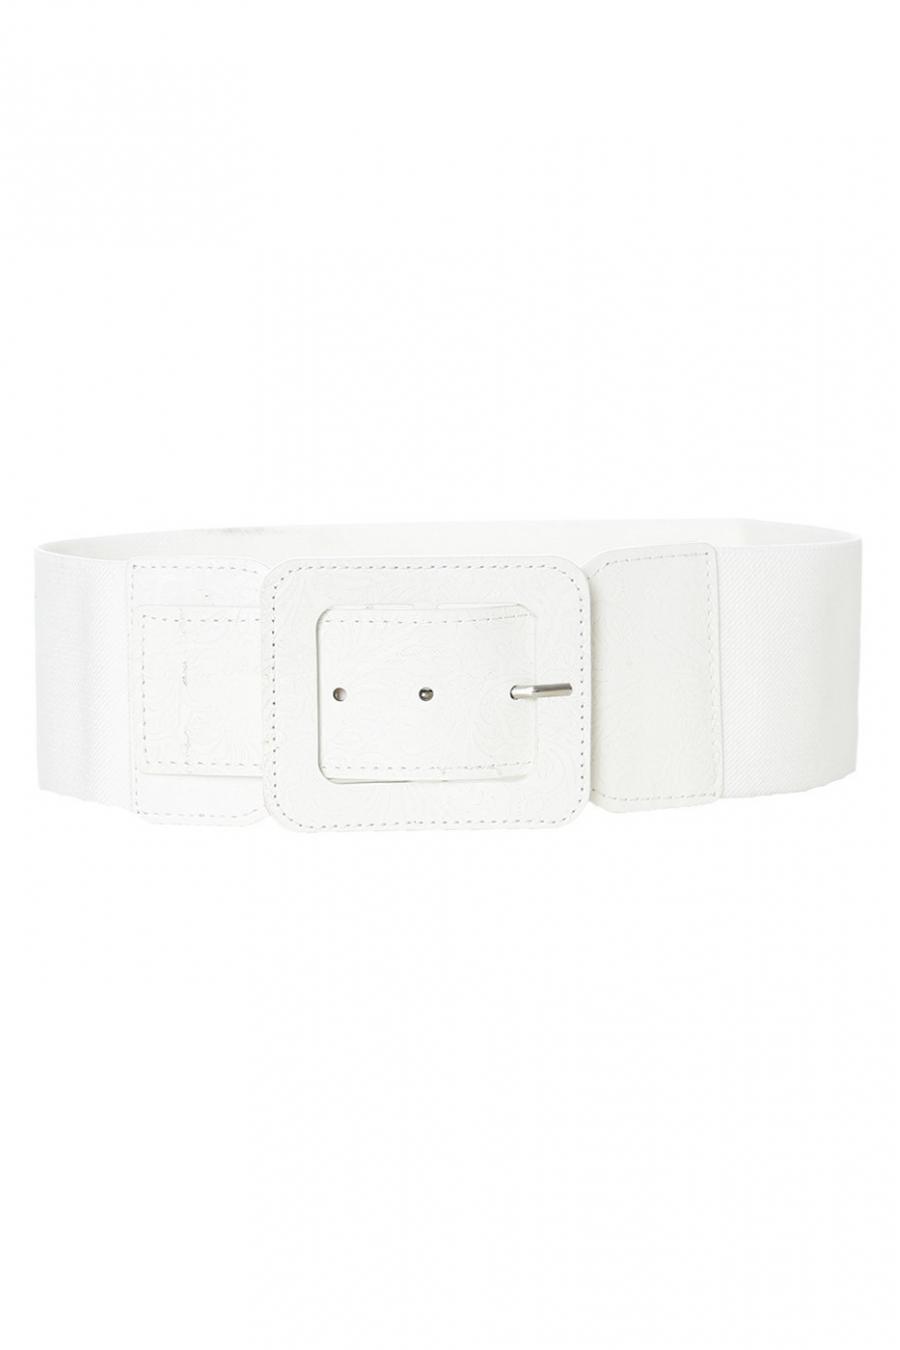 Ceinture blanche élastique à boucle rectangle. SG-0750